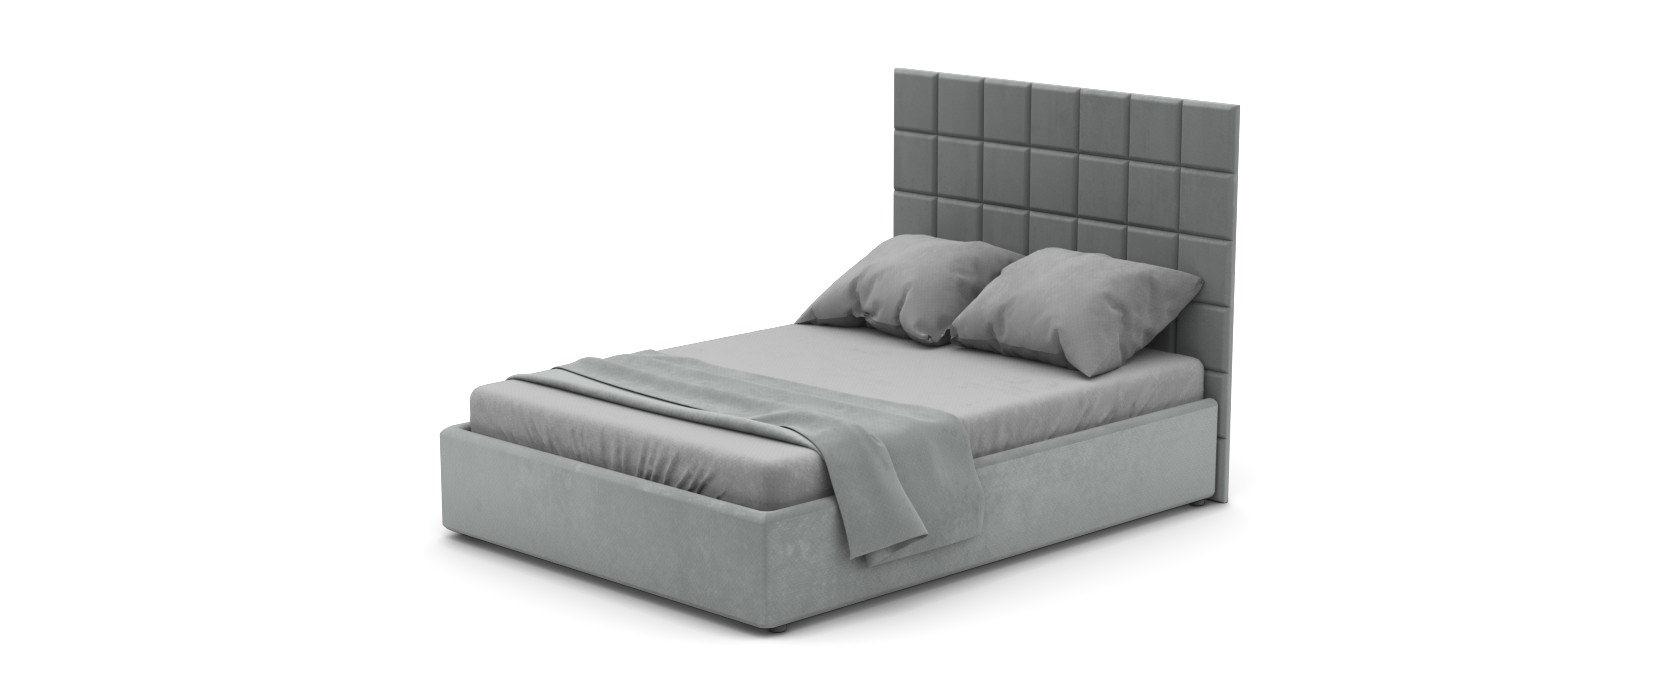 Кровать Piazza со стеновыми панелями